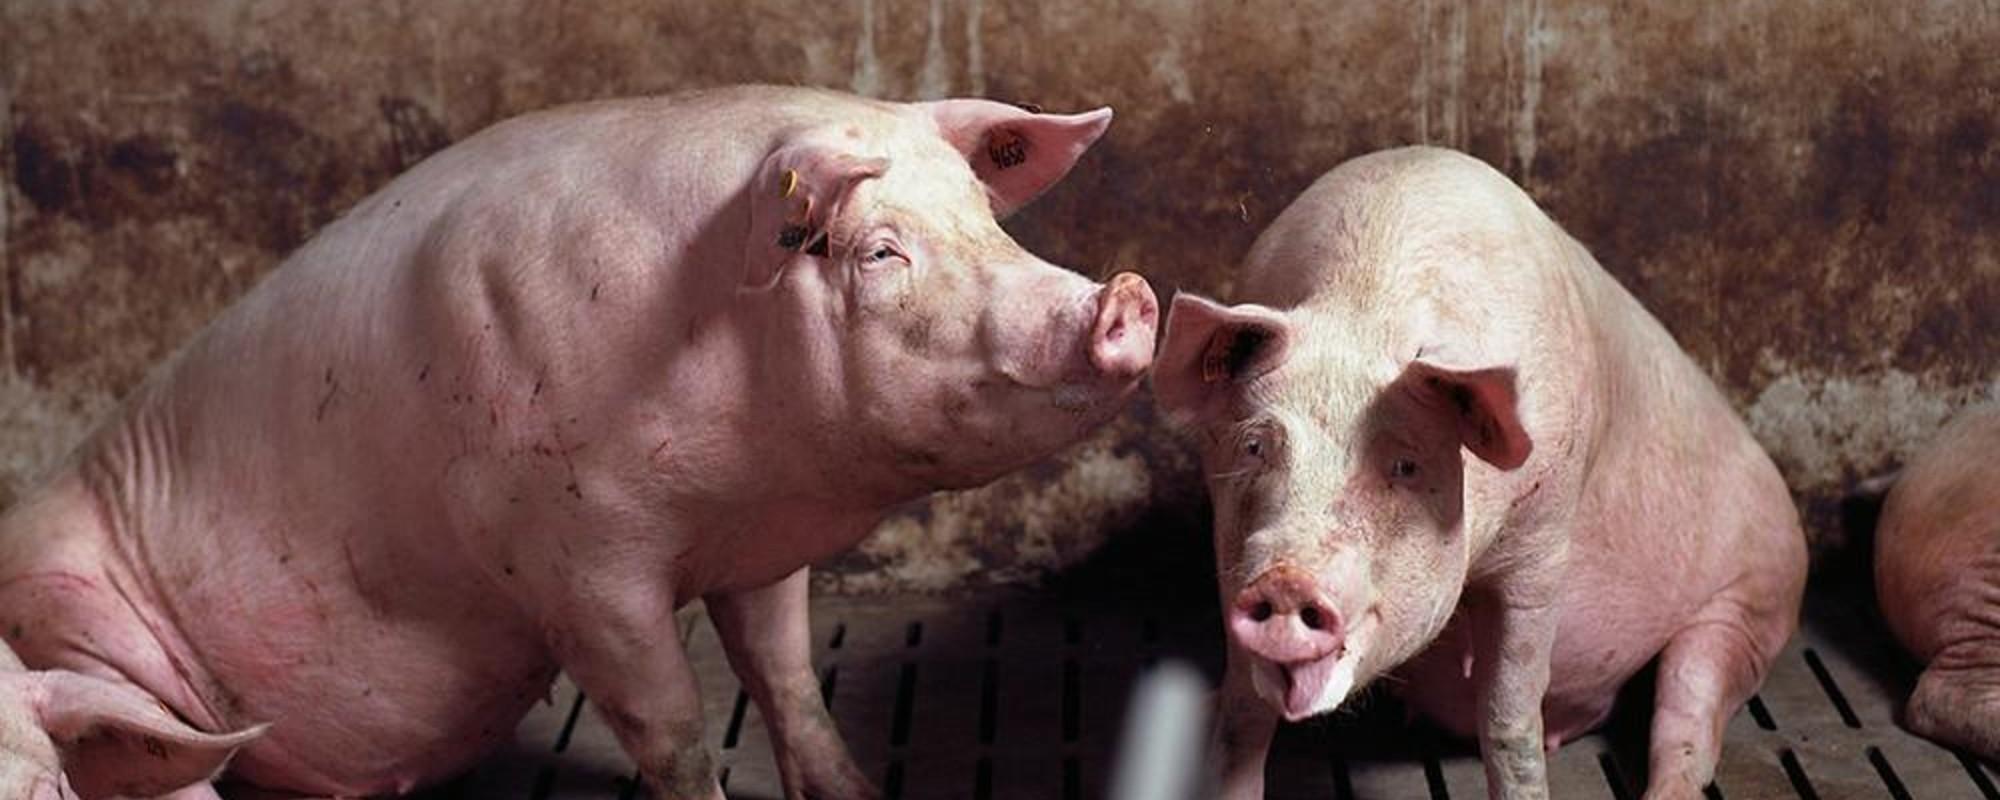 Animales en el corredor de la muerte